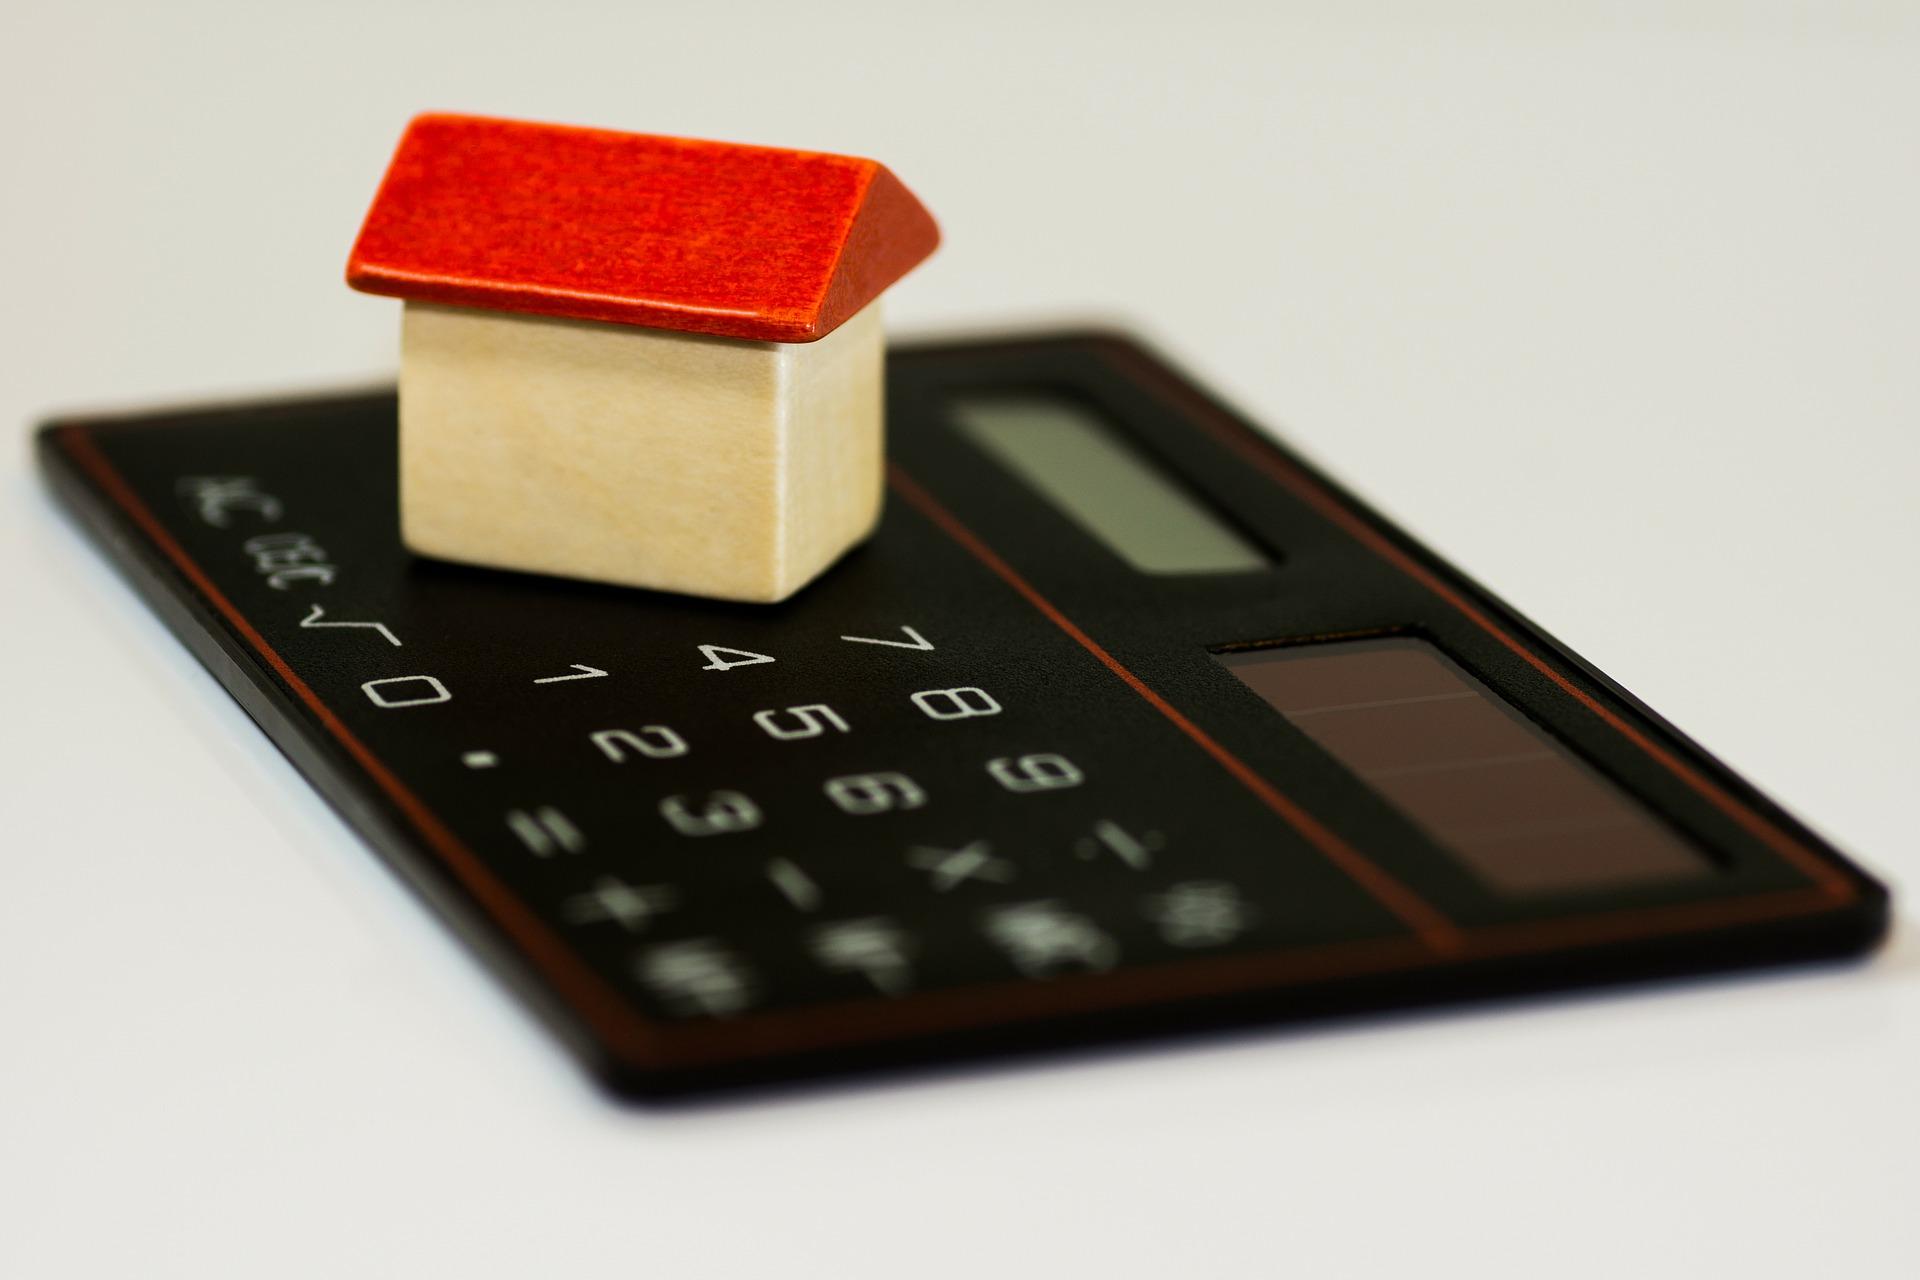 Vermeulen Makelaardij & Finance, Terneuzen, Zeeuws-Vlaanderen, Hypotheek, hypotheken, hypotheek oversluiten, extra aflossen, hoeveel kan ik lenen?